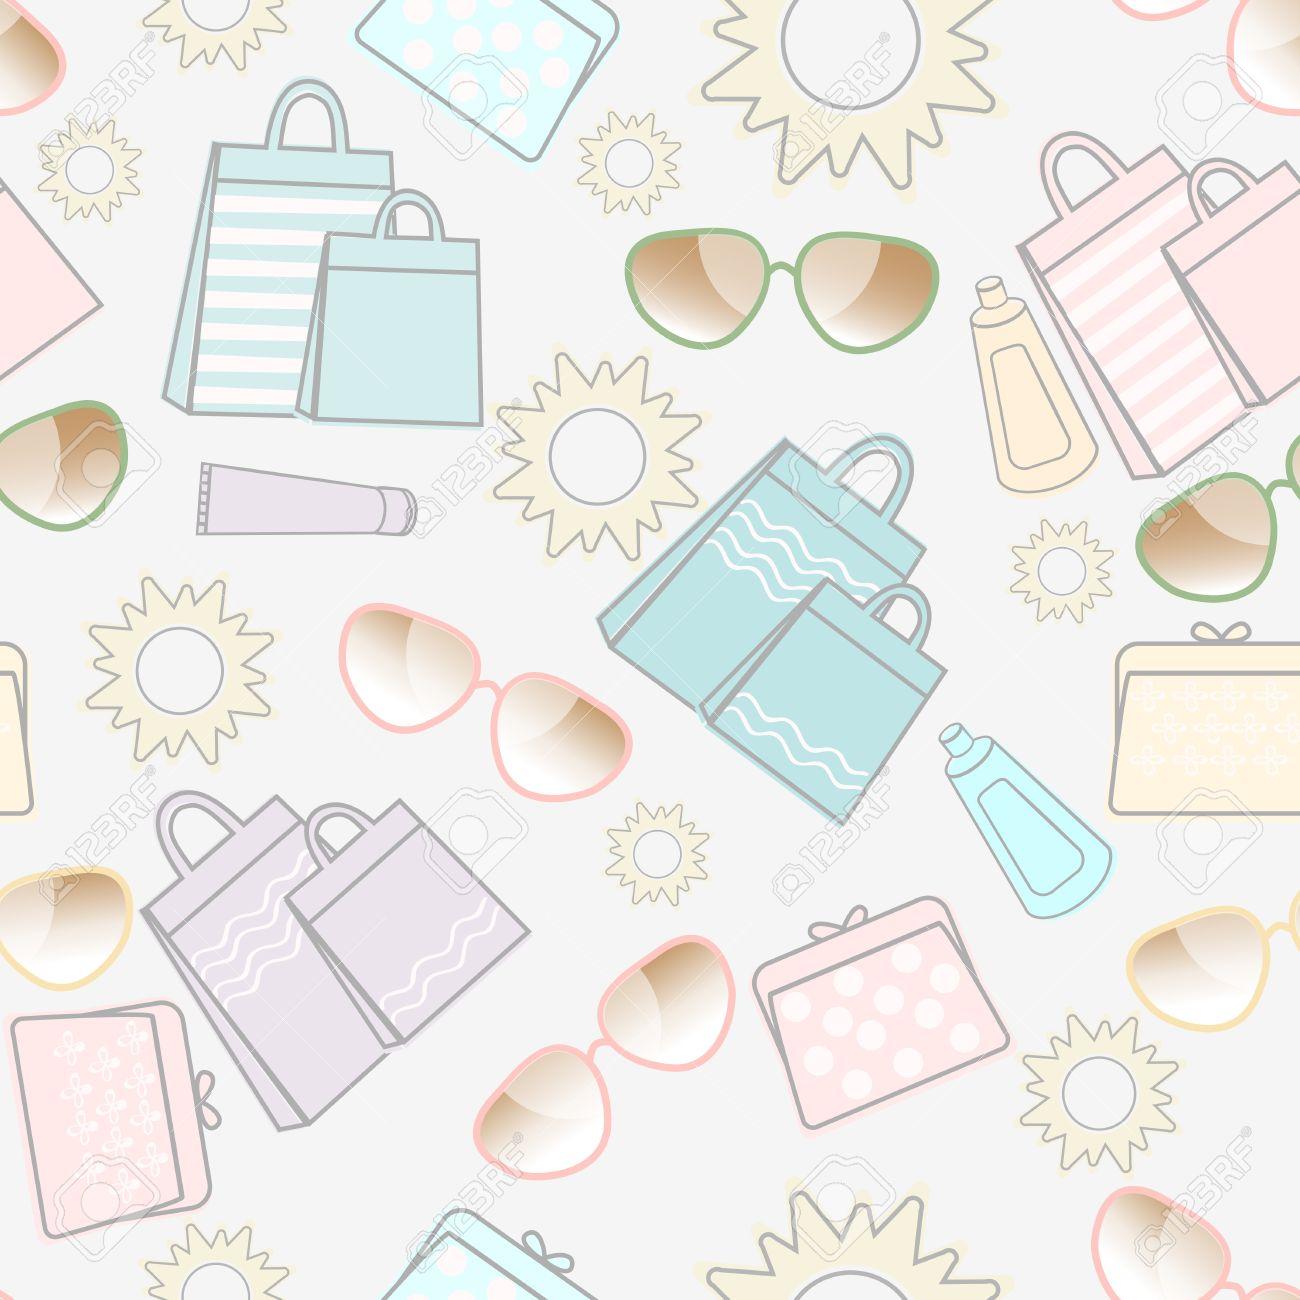 夏休み太陽、サングラス、日焼け止め、かなりハンドバッグときれいな